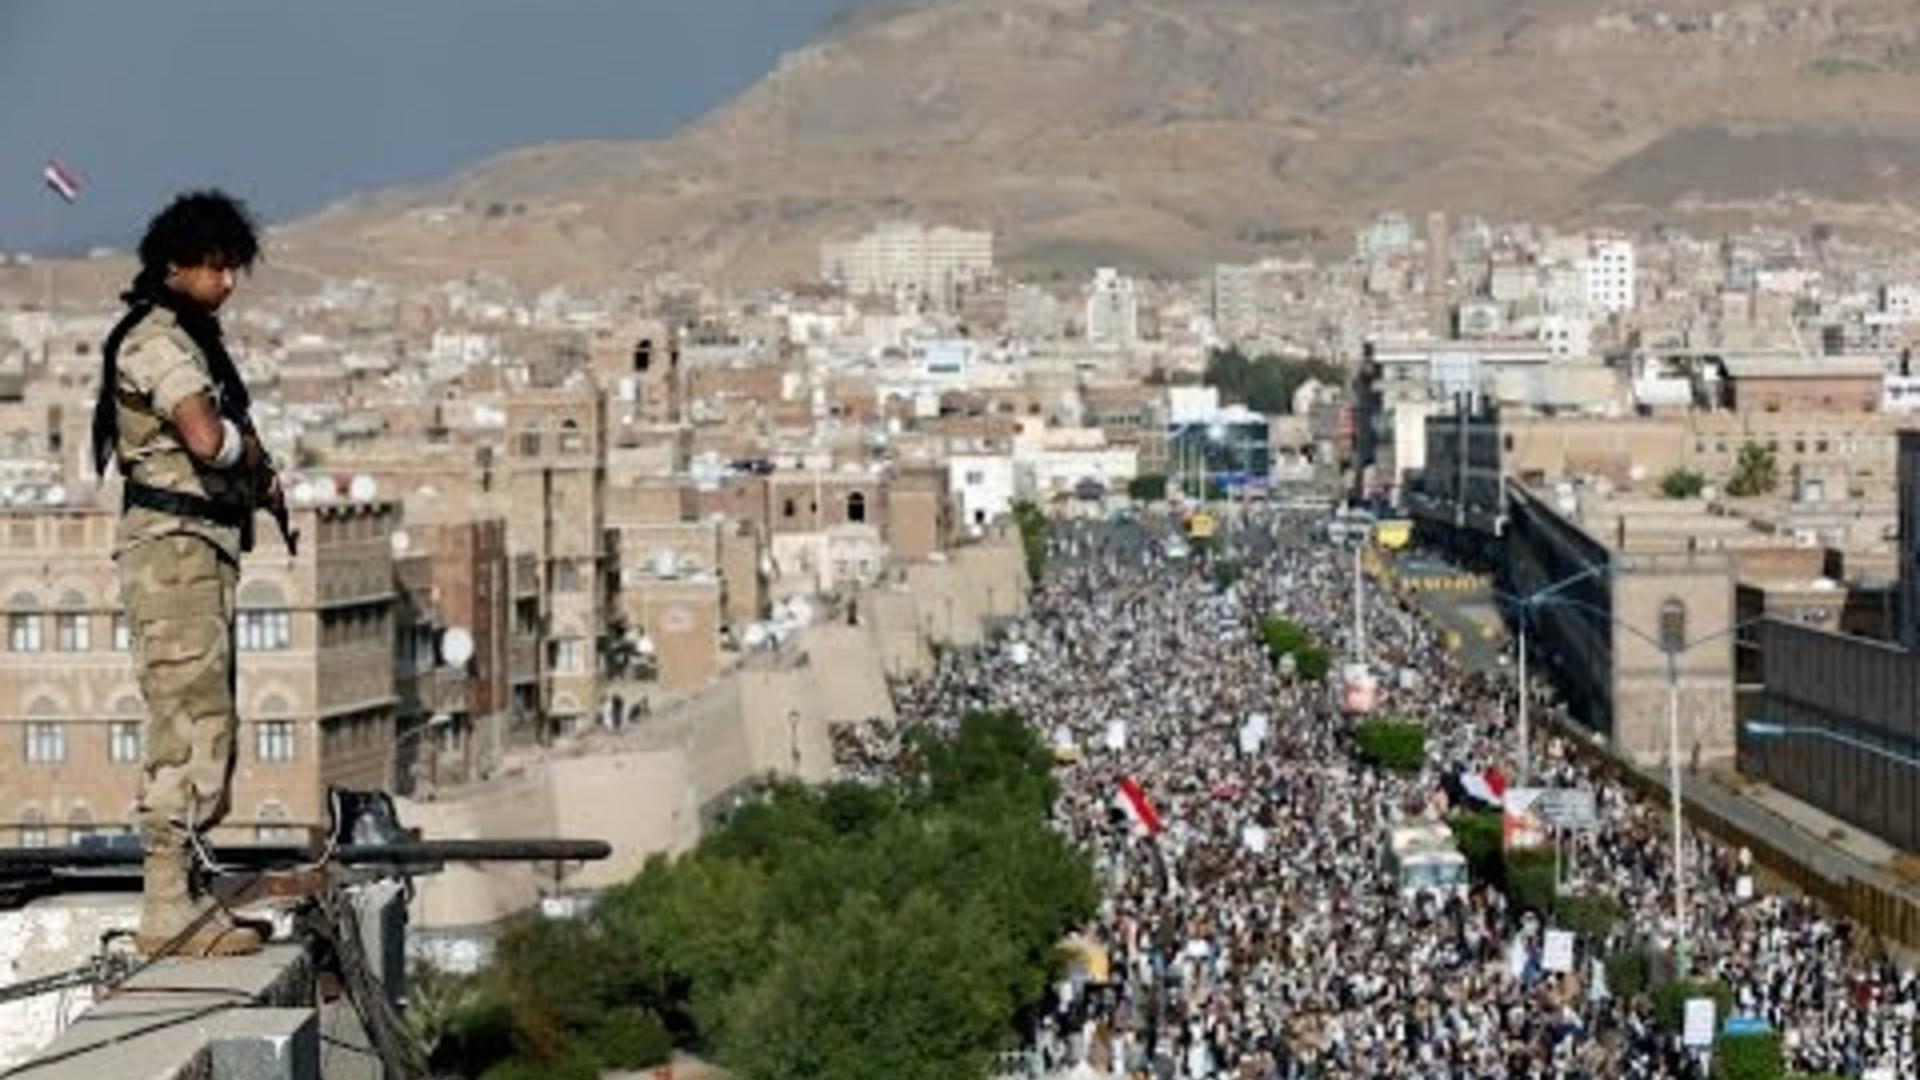 Geopolitica: la reale natura del conflitto nello Yemen - '900 Letterario    Letteratura del '900, critica, eventi letterari, cinema, politica, attualità